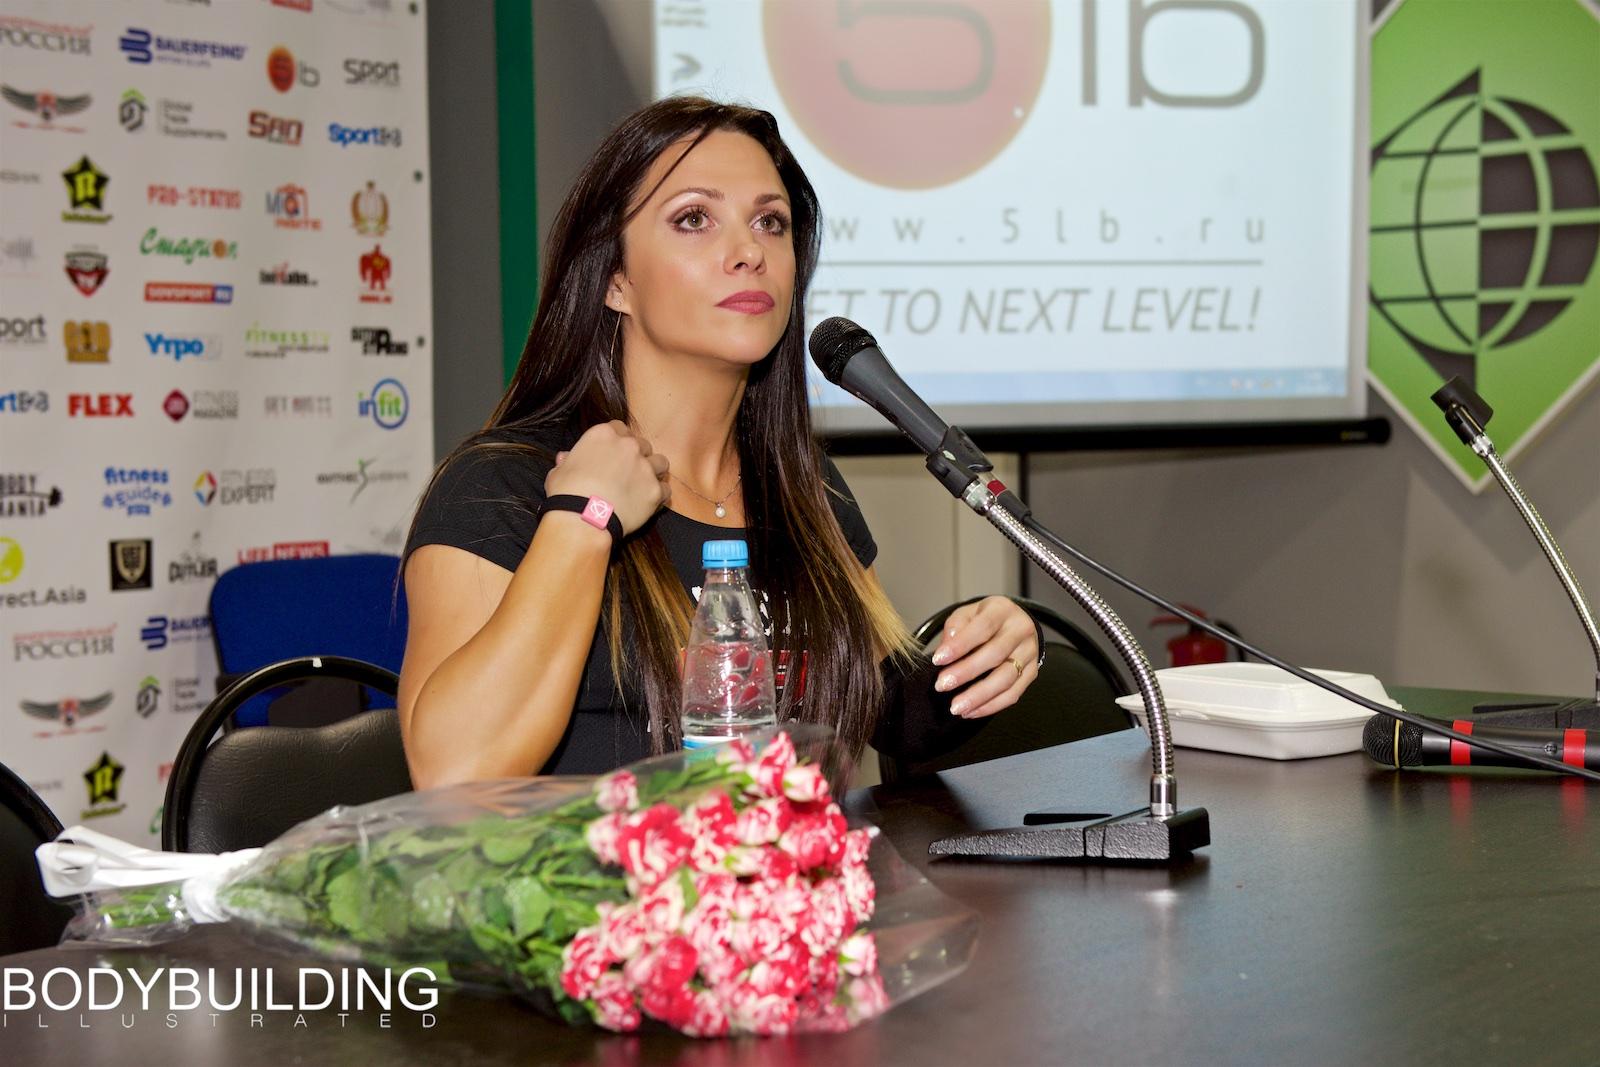 Оксана Гришина, ноябрь 2015 г.